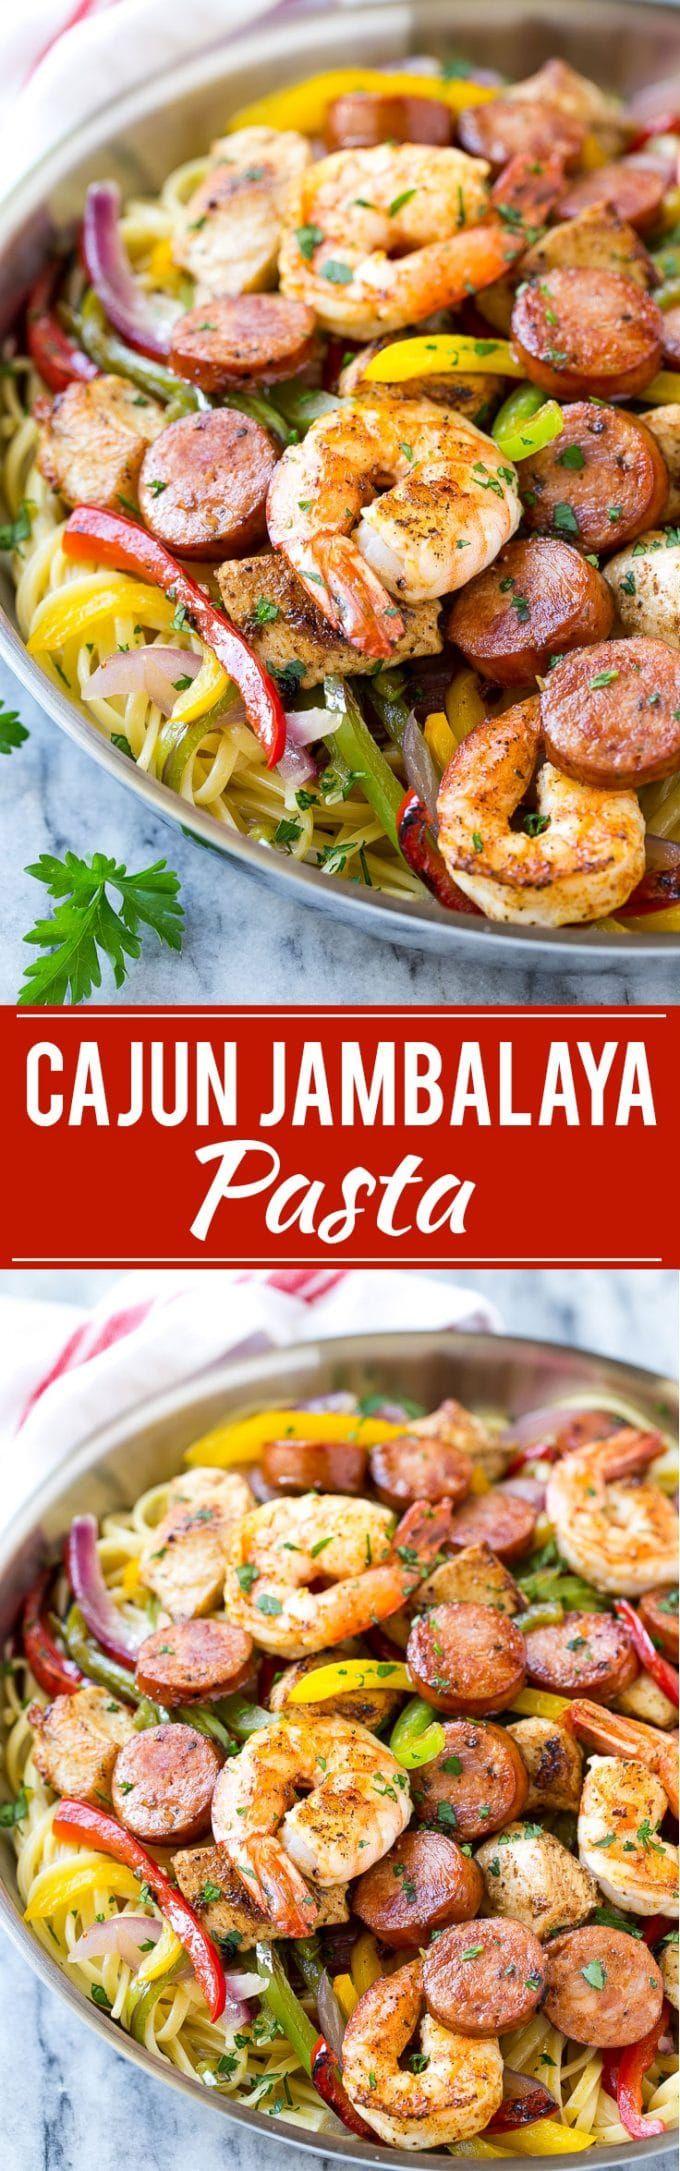 Cajun Jambalaya Pasta Recipe | Cajun Pasta | Easy Jambalaya Recipe | Easy Jambalaya | Best Jambalaya Recipe | Best Cajun Jambalaya